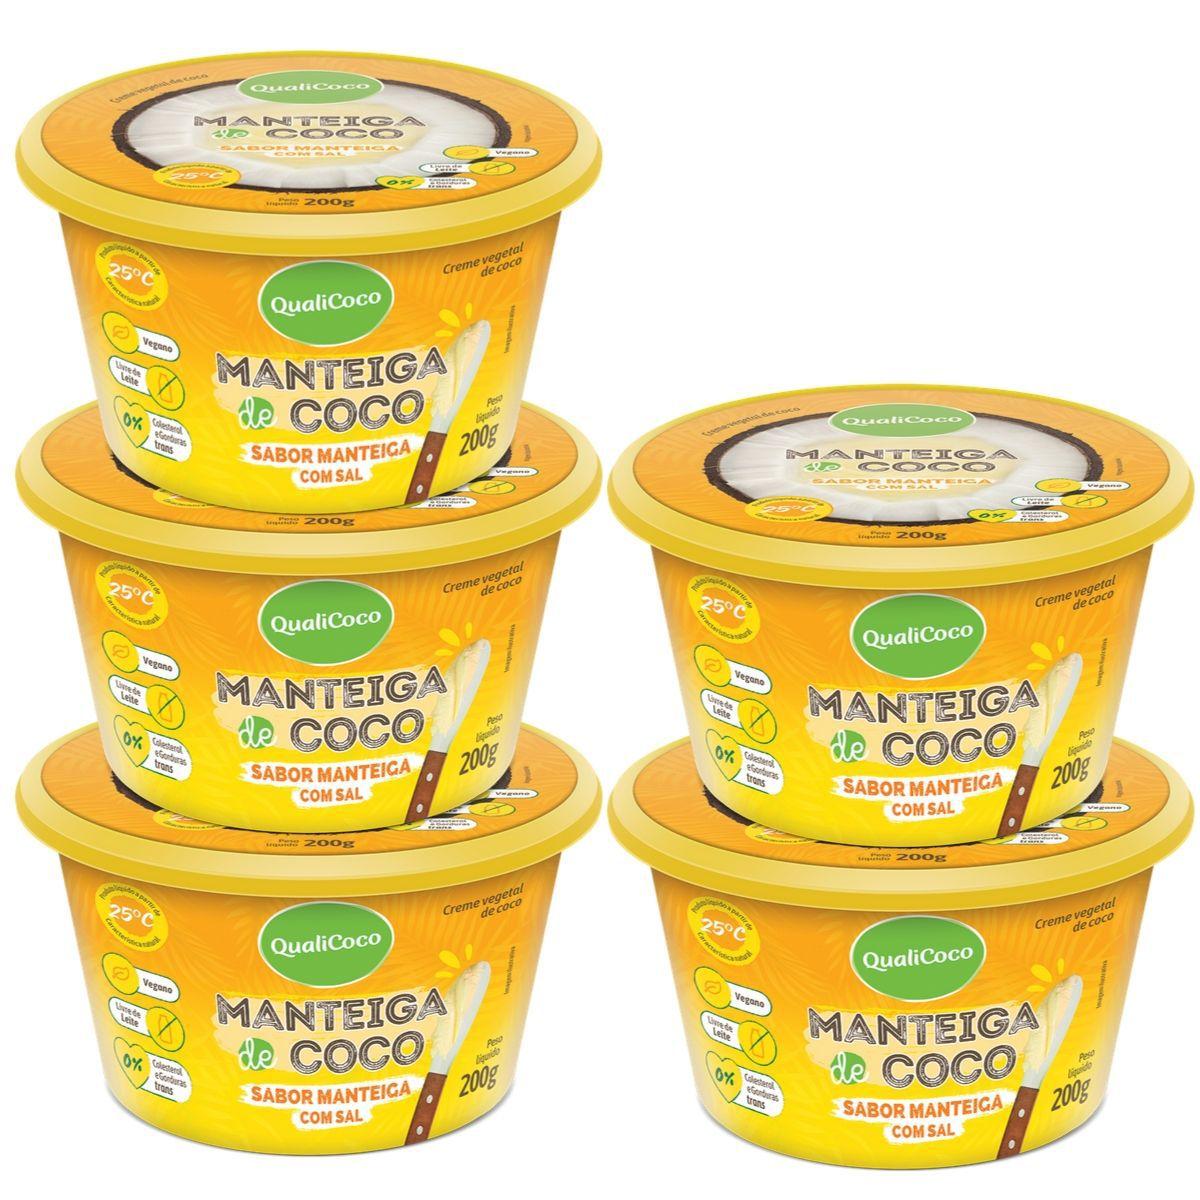 Kit 5 Manteigas De Coco C/ Sal Sabor Manteiga 200g - QualiCôco